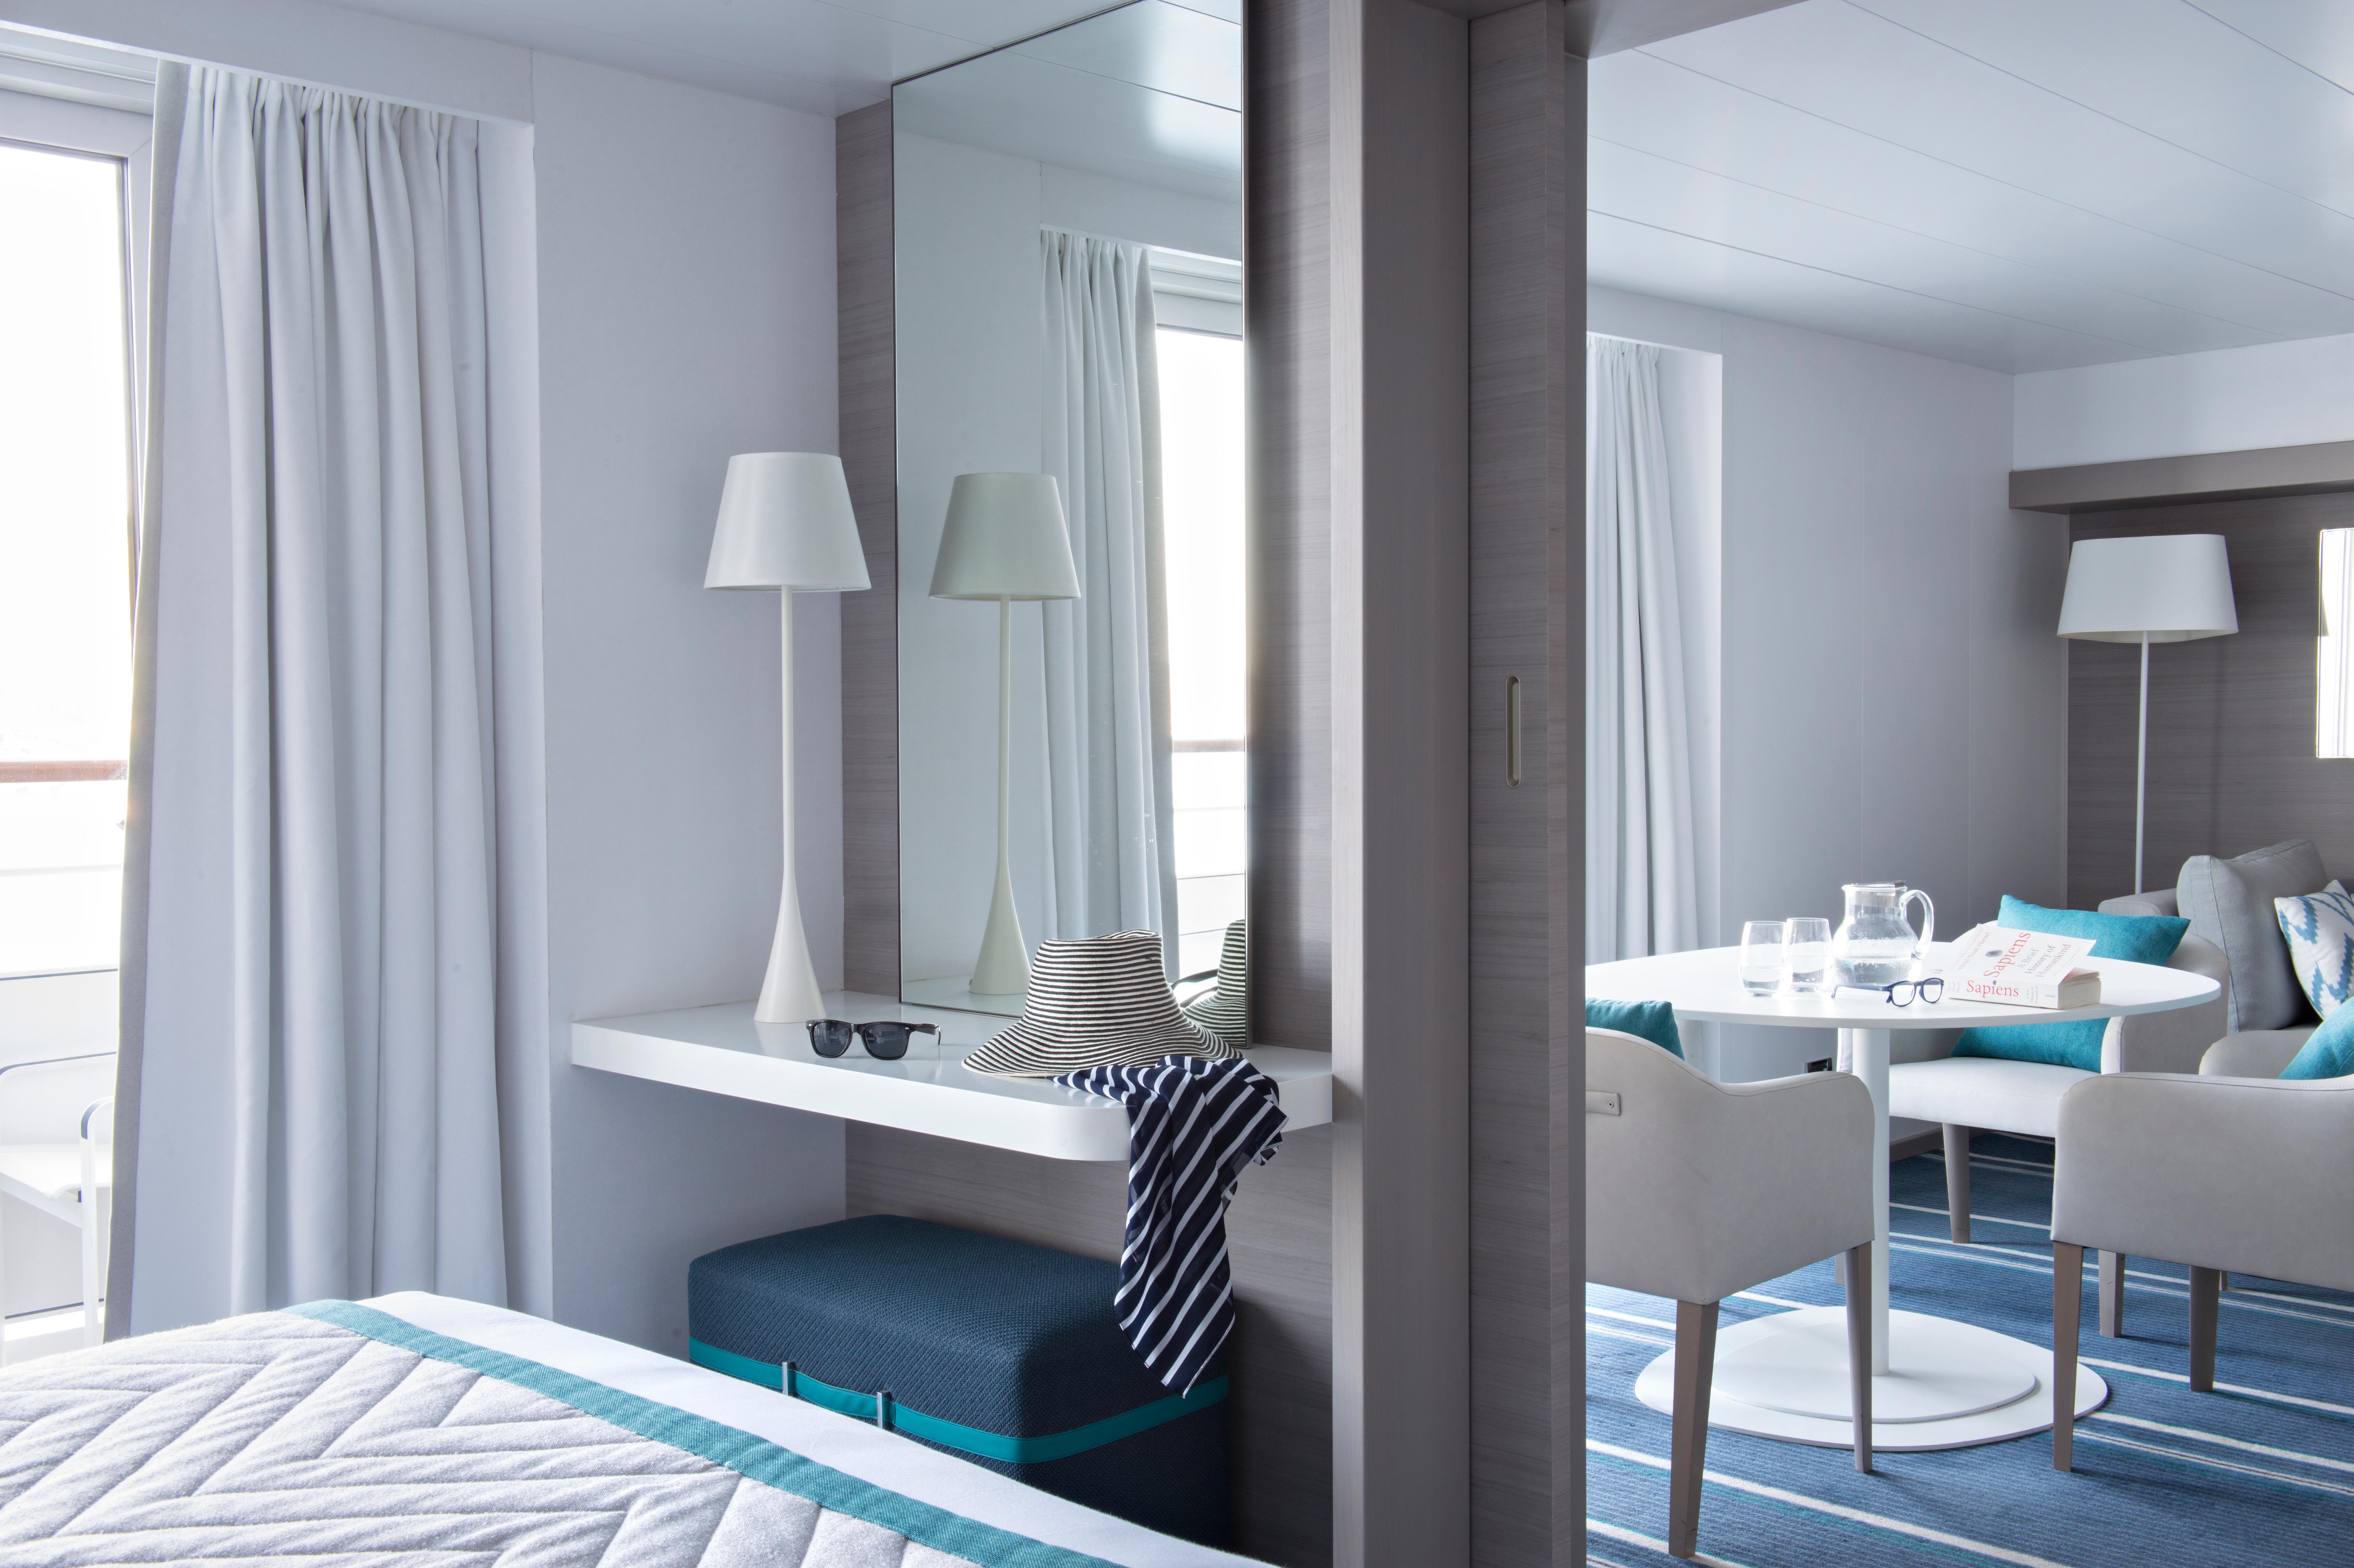 Ponant - Le Lyrial - Owner's Suite